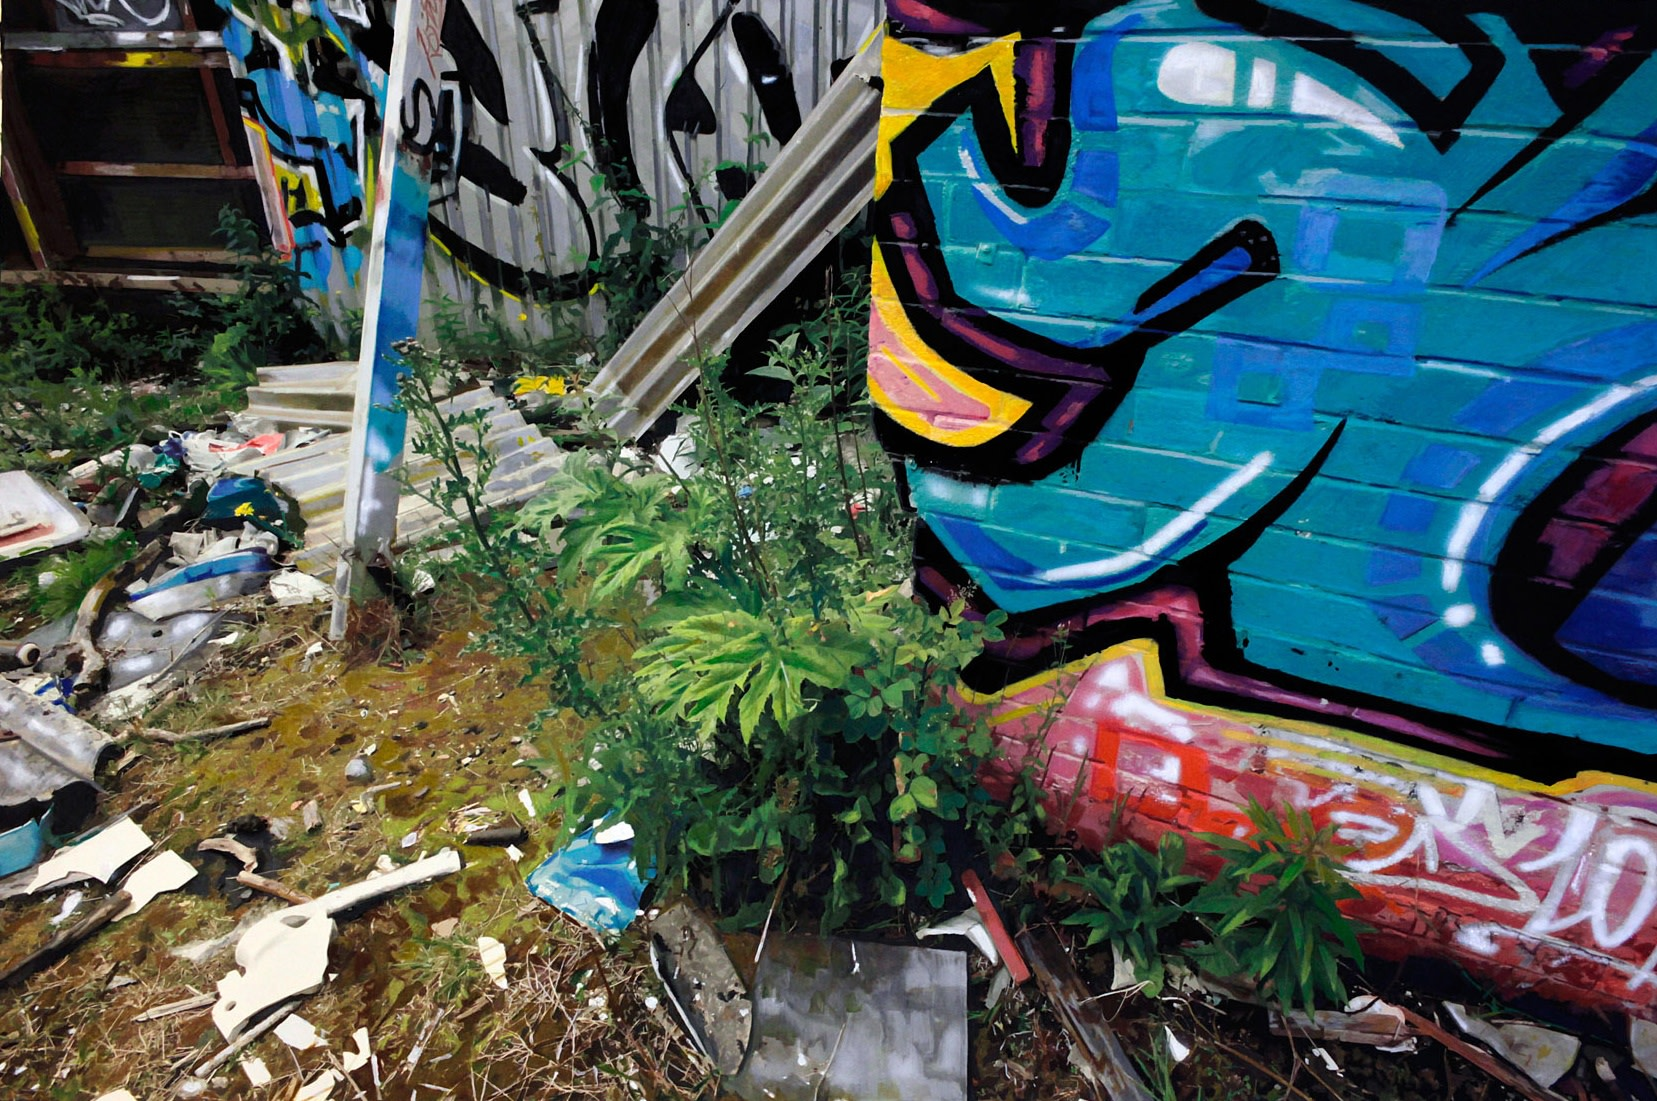 <span class=&#34;link fancybox-details-link&#34;><a href=&#34;/artists/77-paul-cadden/works/640/&#34;>View Detail Page</a></span><div class=&#34;artist&#34;><strong>Paul Cadden</strong></div> <div class=&#34;title&#34;><em>Scottish Landscapes No4</em></div> <div class=&#34;medium&#34;>Watercolour with watercolour pencil</div> <div class=&#34;dimensions&#34;>46 x 70 cm</div>